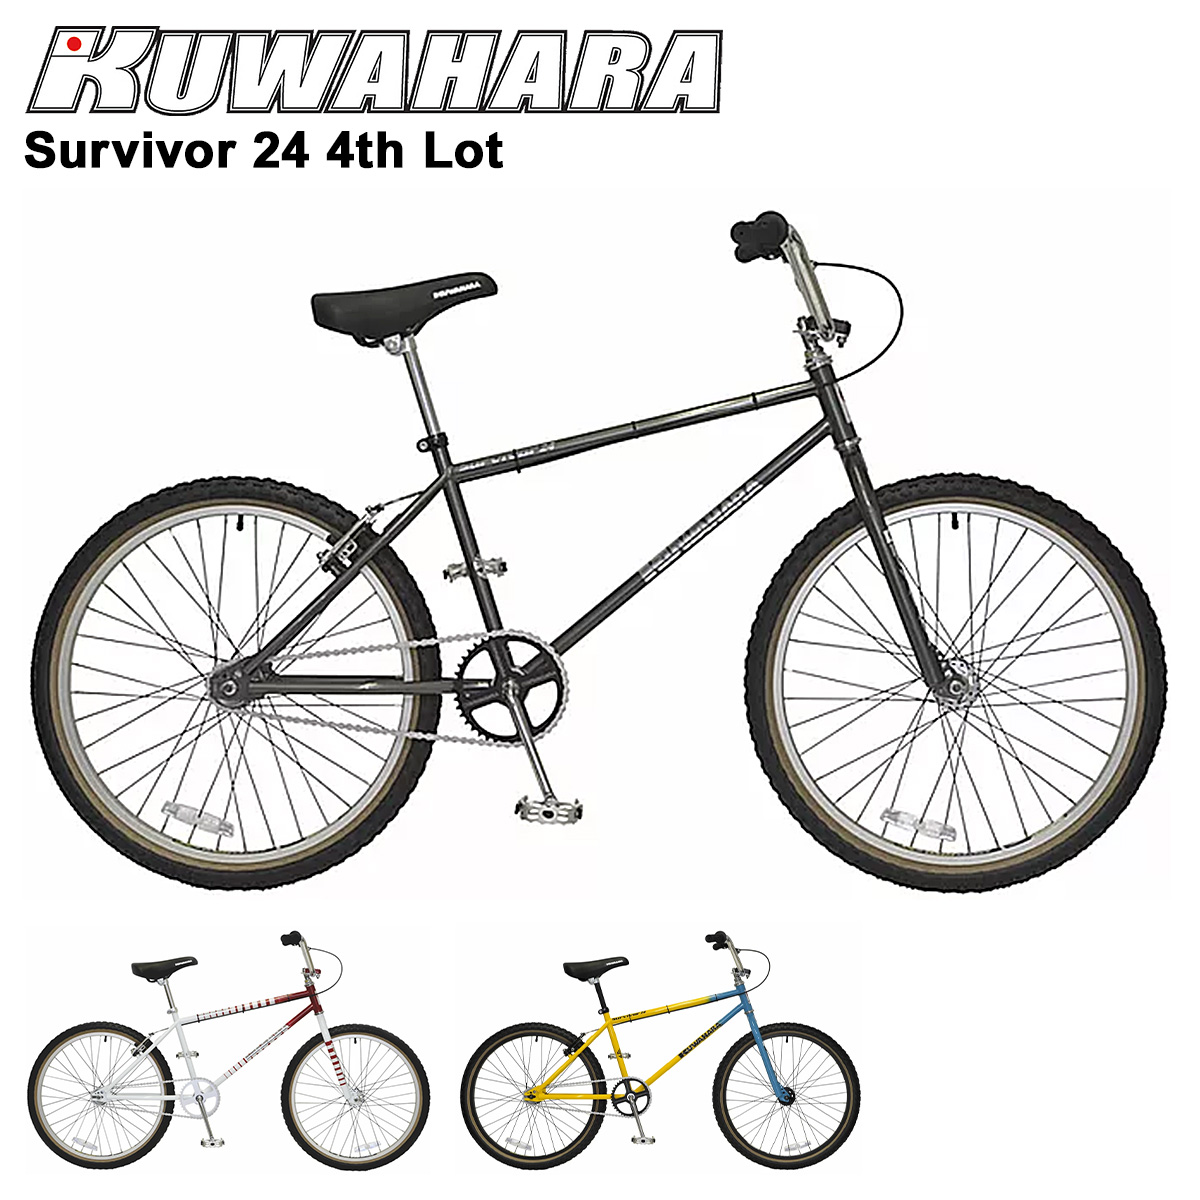 クワハラ KUWAHARA BMX 自転車 24インチ ストリート 10周年記念 限定 バイク BIKE 完成車 街乗り Survivor 24 4th Lot ガンメタル ホワイト ターコイズ 白 [予約 11月上旬 新入荷予定]